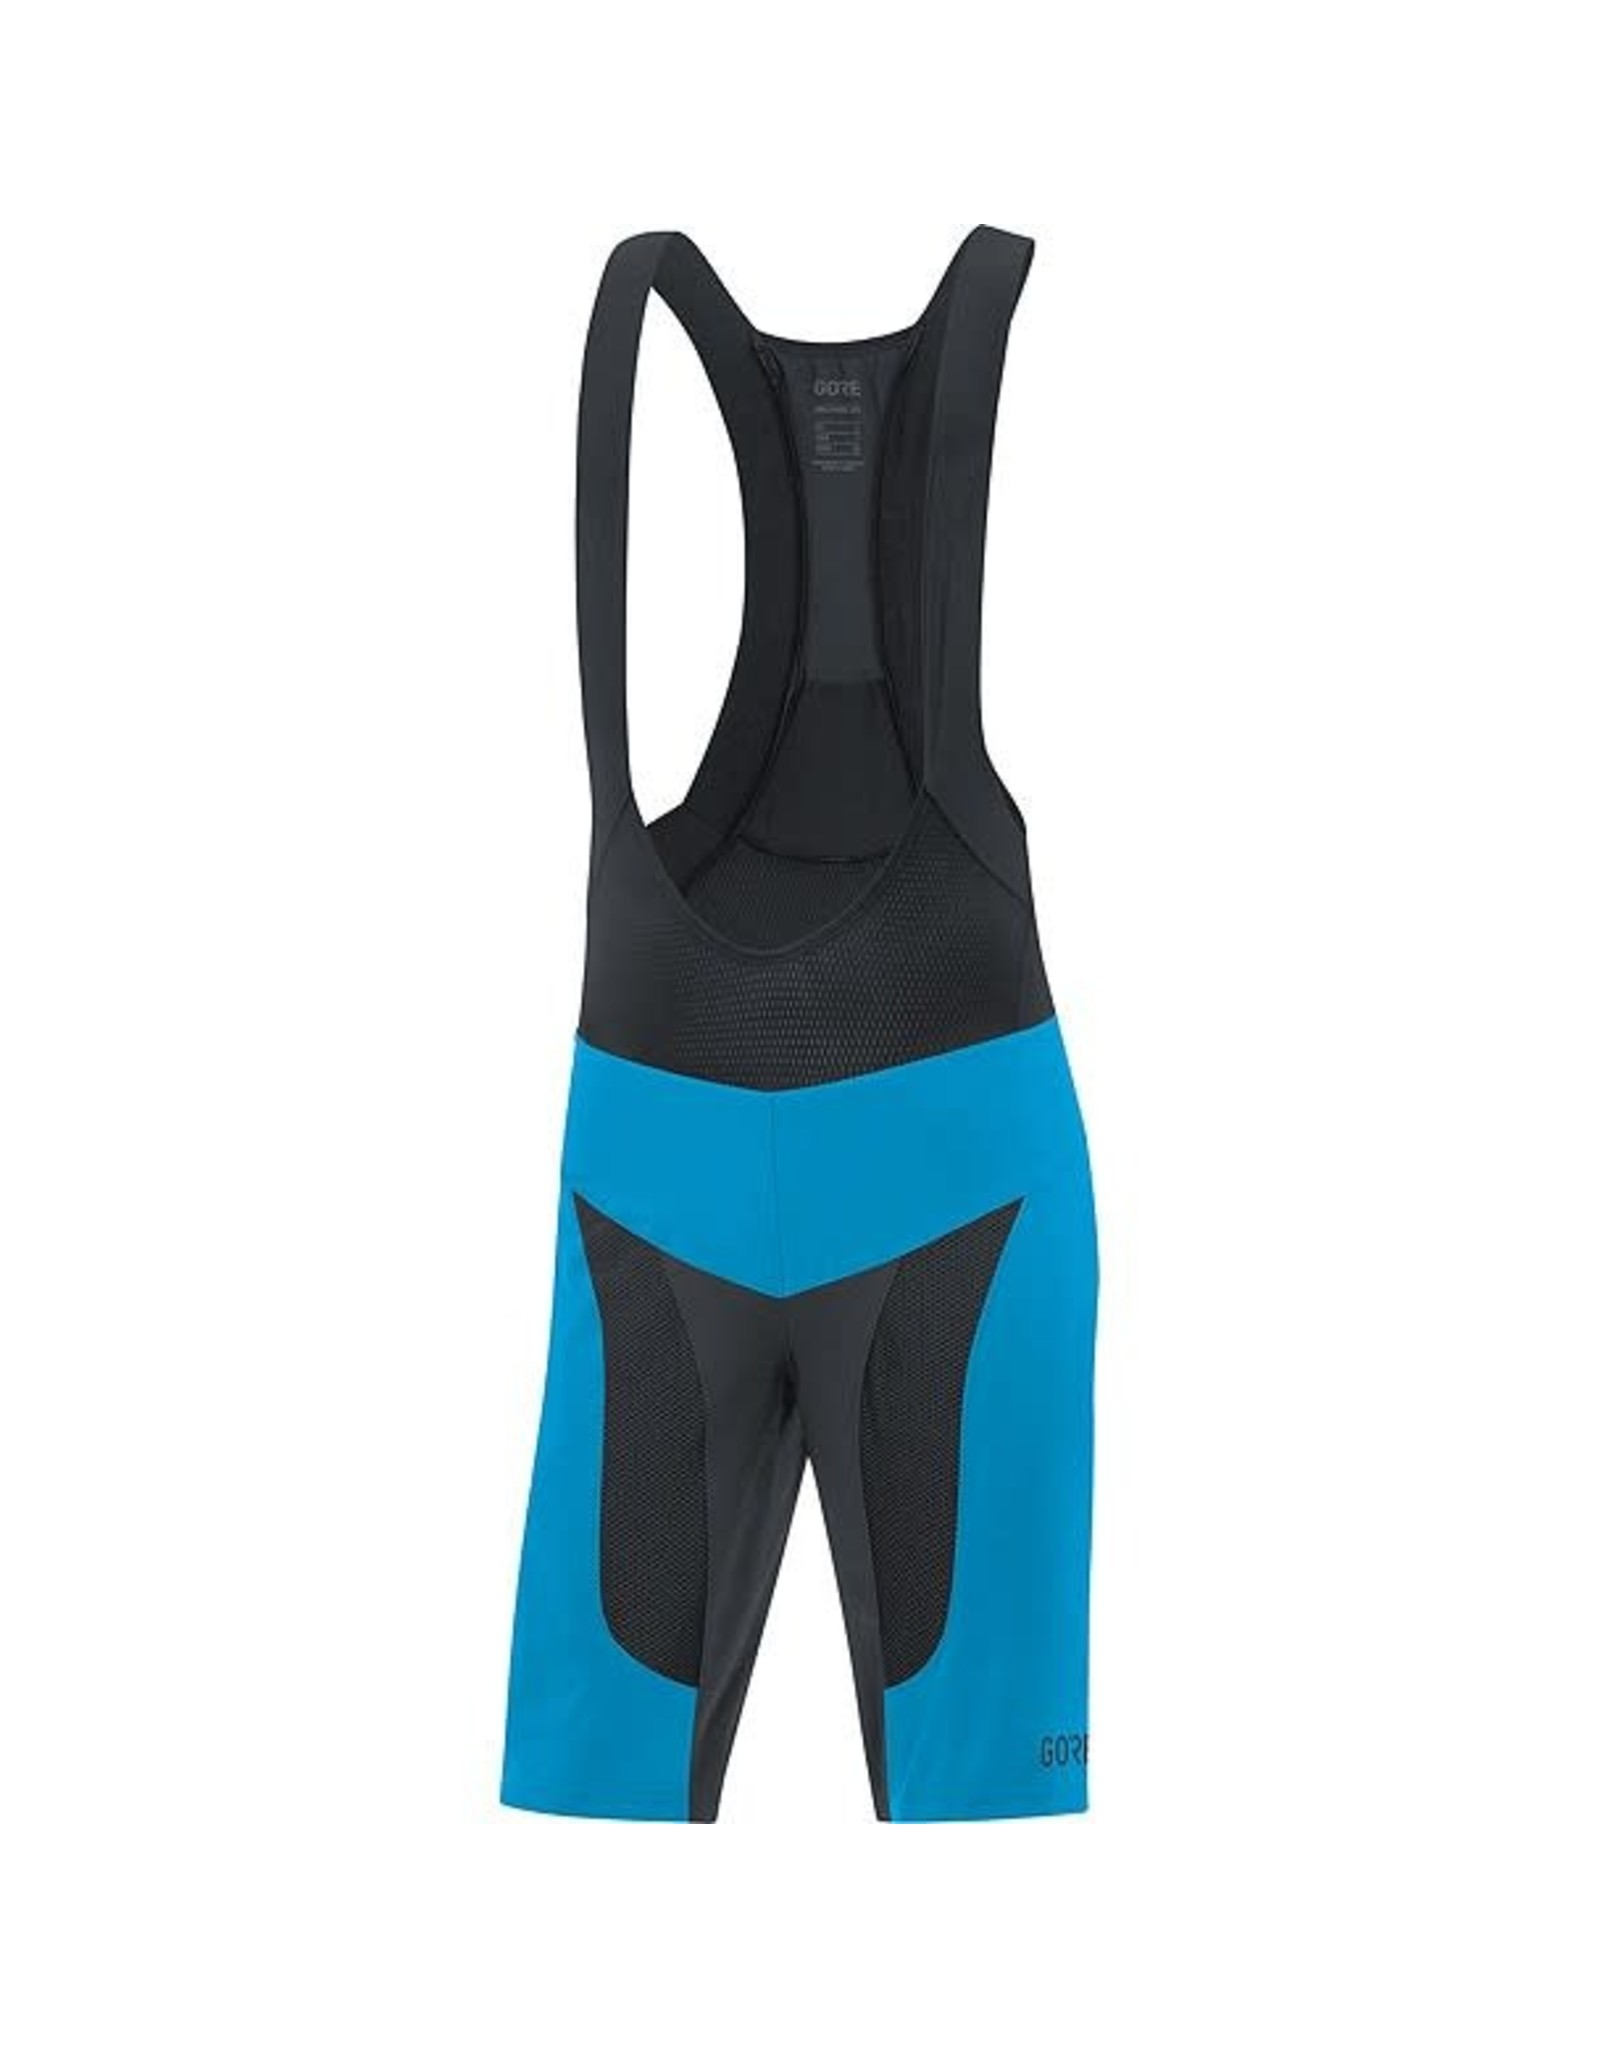 GORE Wear GORE C7 Pro 2in1 Bib Shorts+ cyan/black XXL